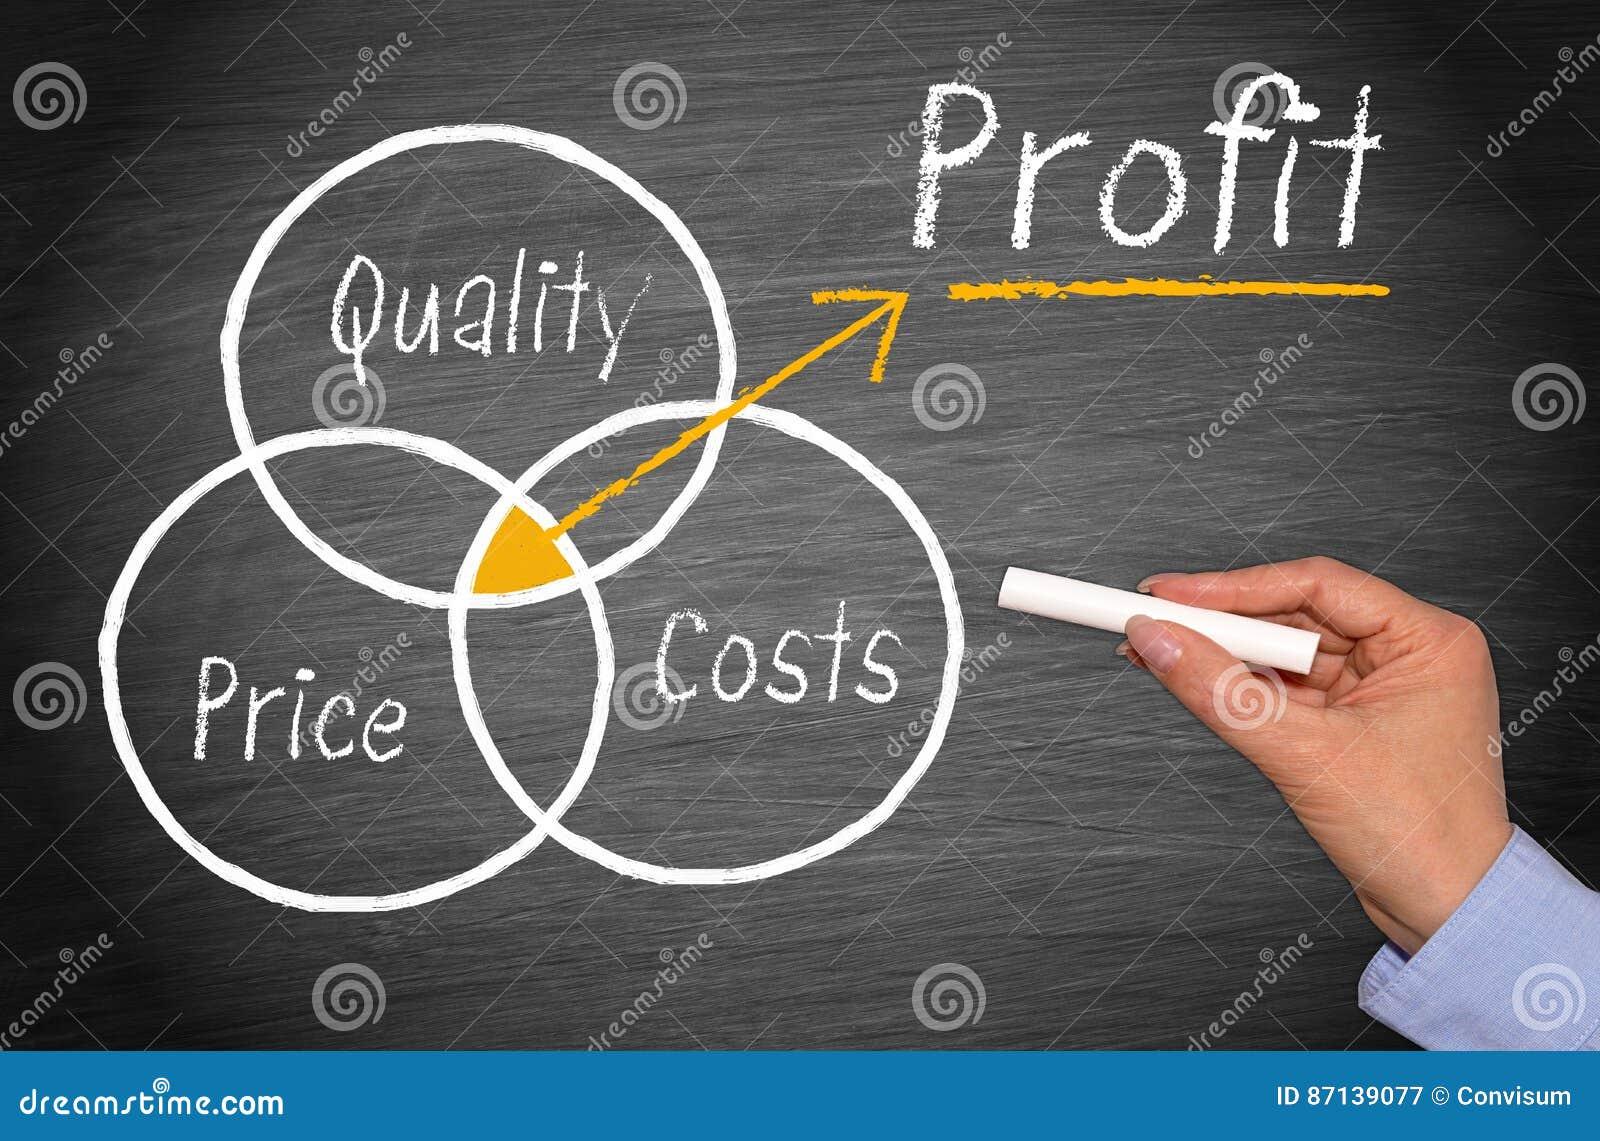 Качество, цена и цены - выгода